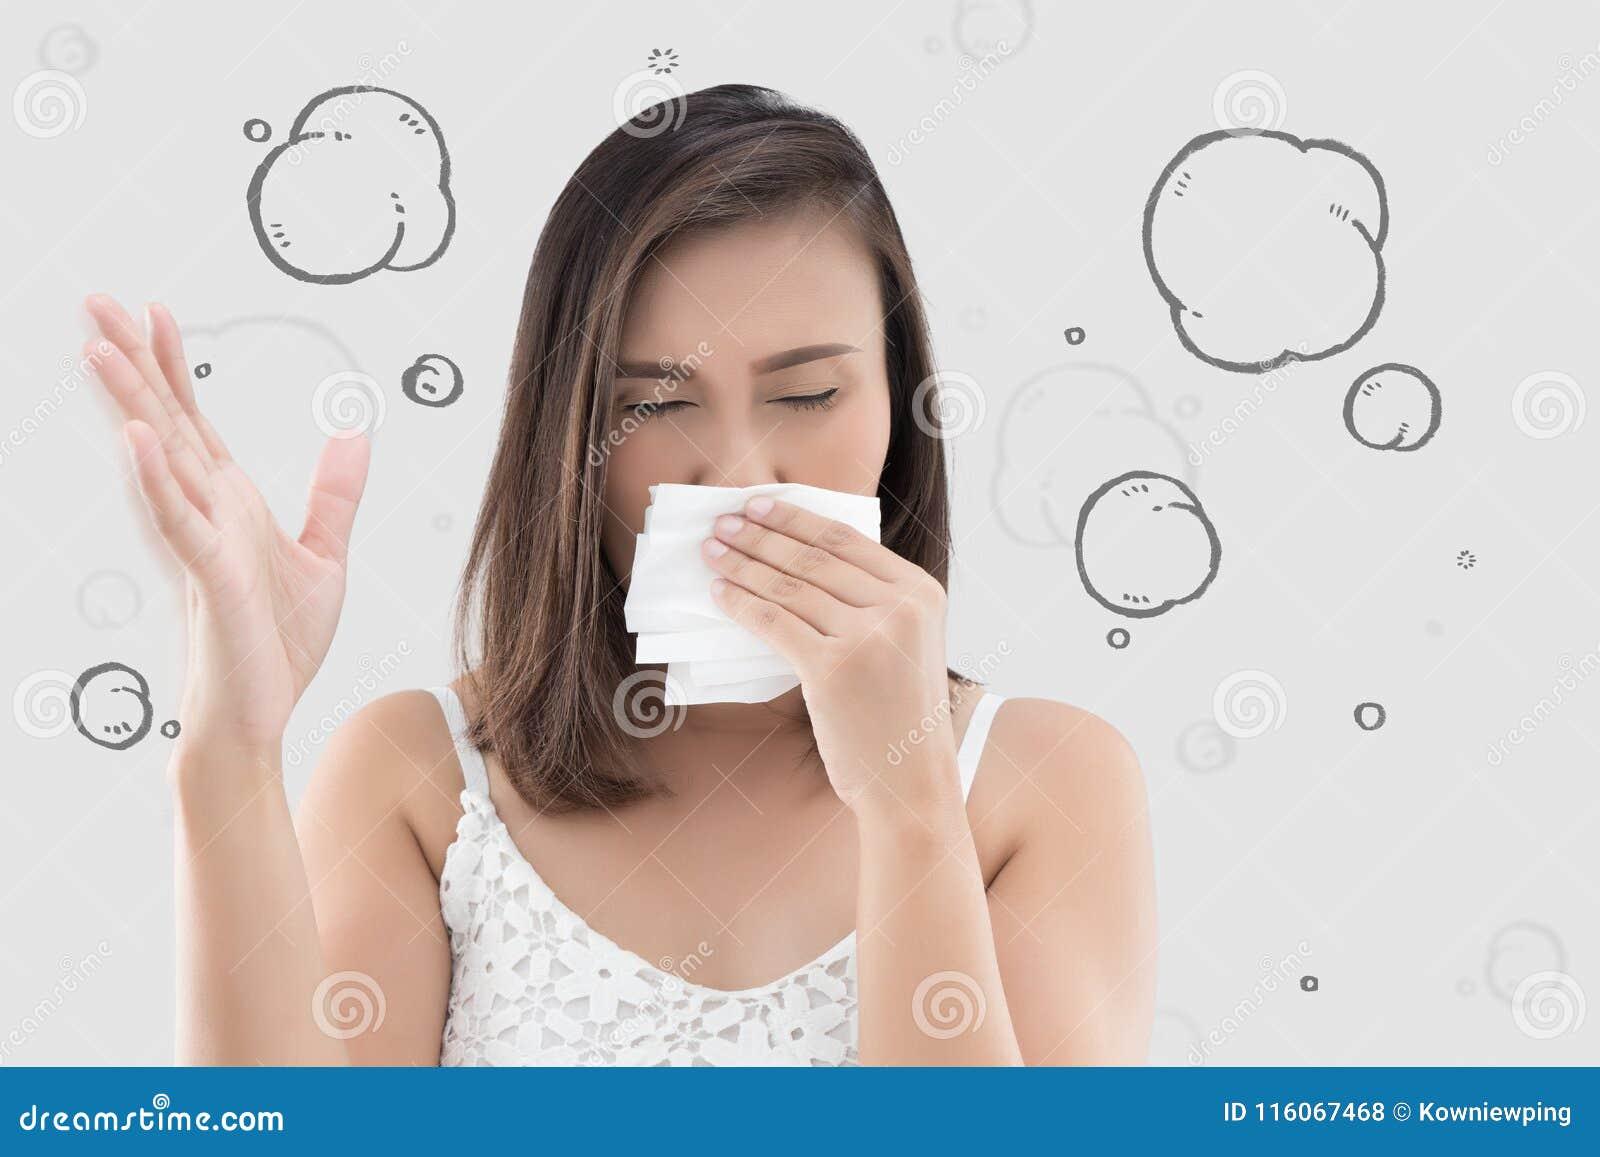 Η ασιατική γυναίκα στο άσπρο φόρεμα πιάνει τη μύτη της λόγω μιας κακής μυρωδιάς